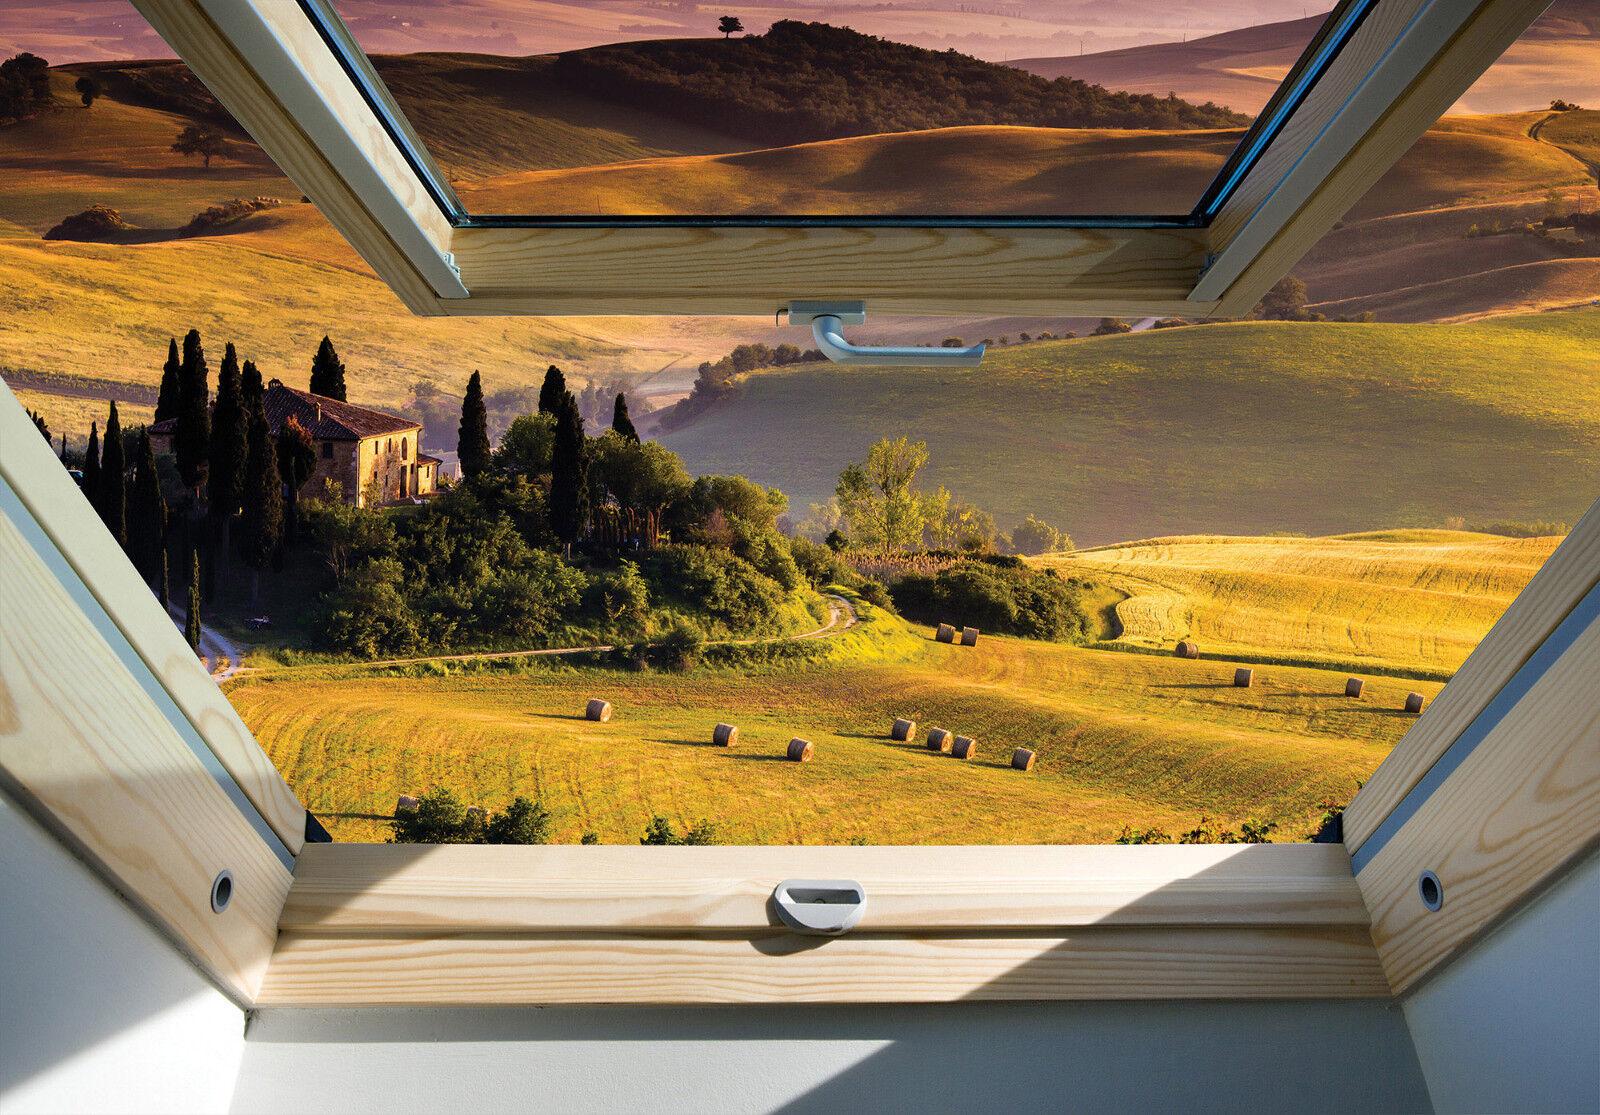 Fotomurale tessuto non tessuto-Toscana - (10411) - - - lucernaio Panorama Italia FATTORIA PRATO | diversità imballaggio  | Louis, in dettaglio  | Garanzia autentica  be9e8e